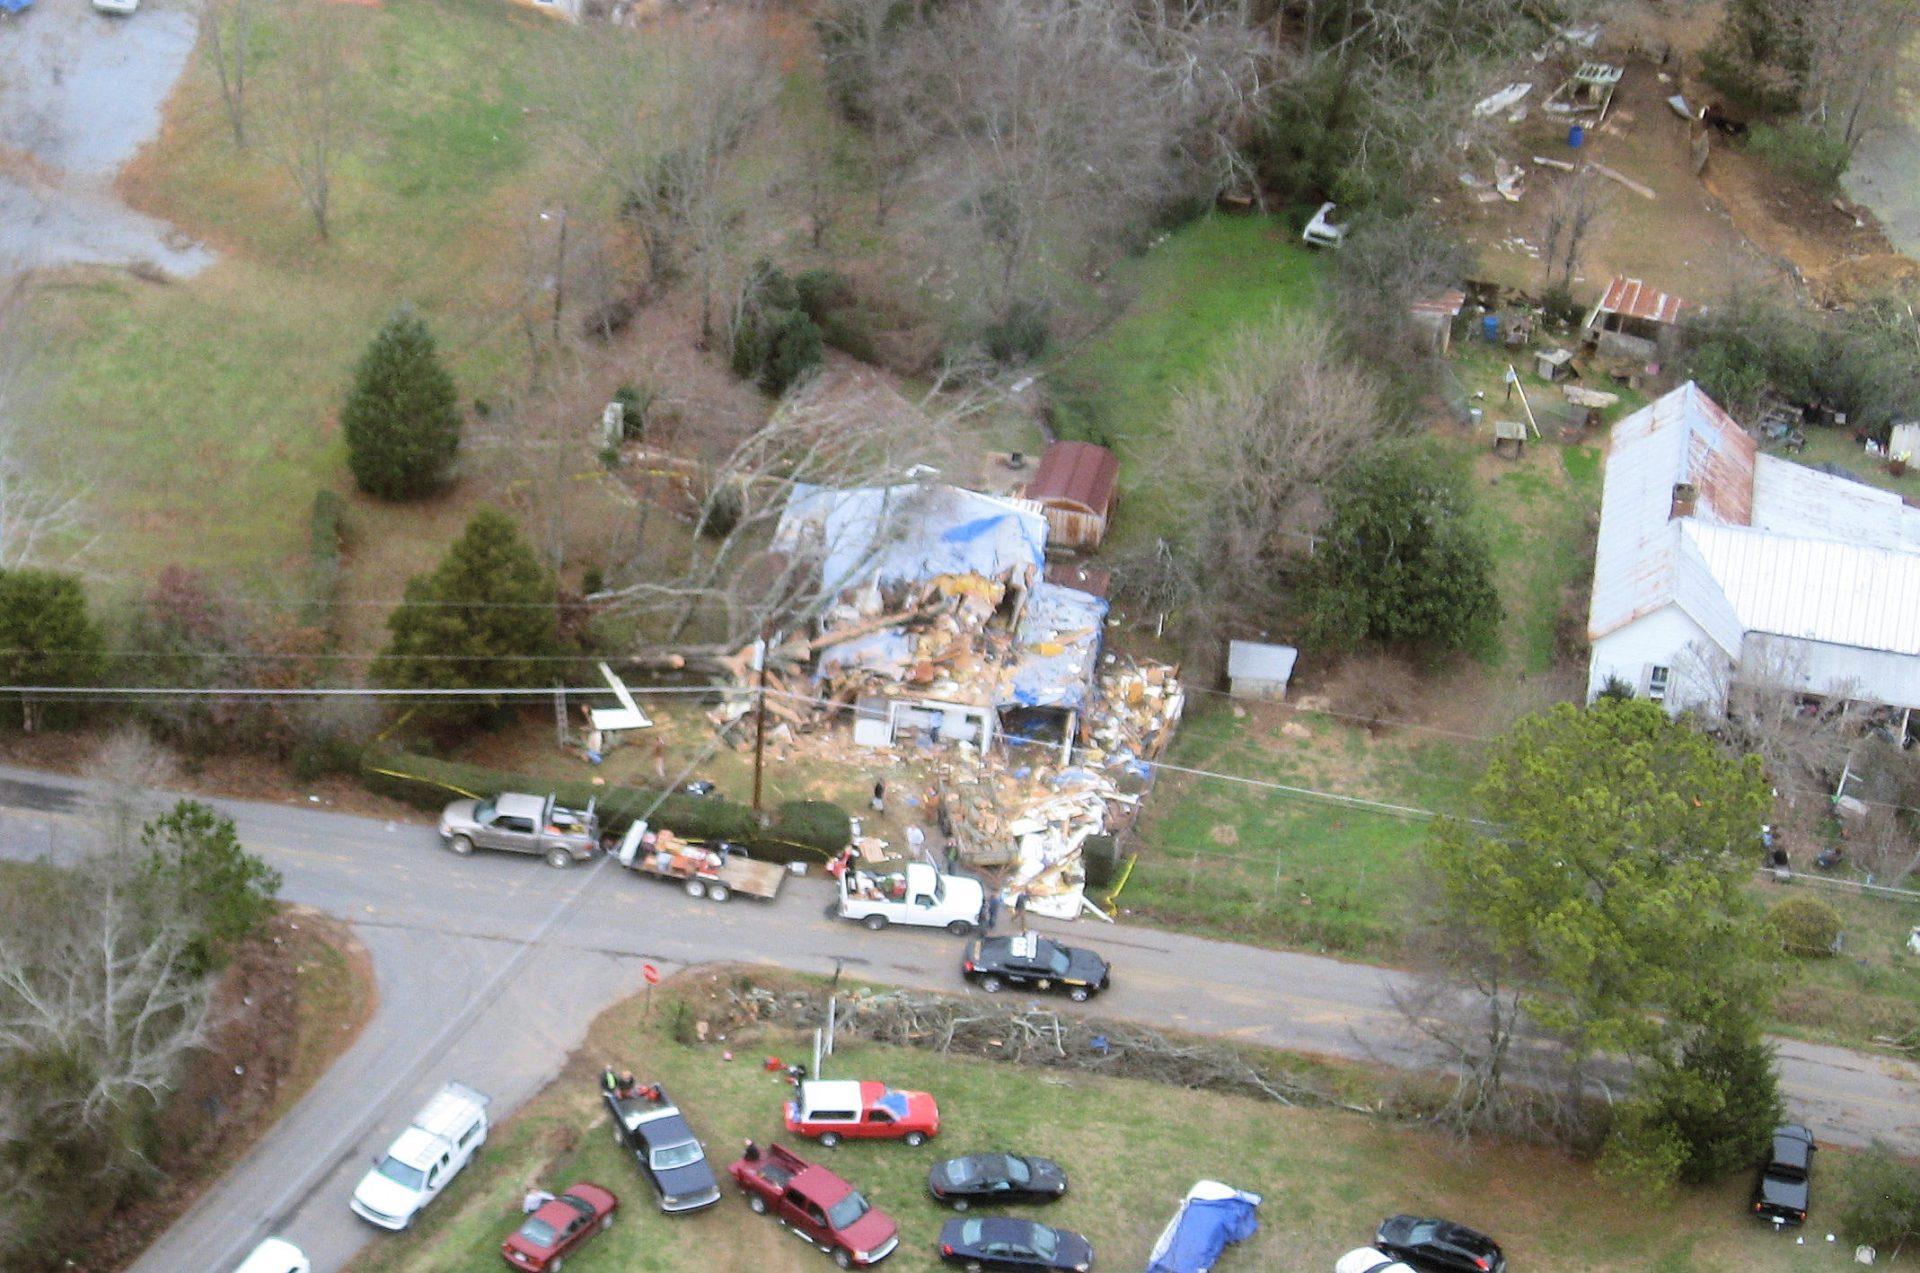 Plainville-Calhoun, GA EF3 Tornado – December 22, 2011